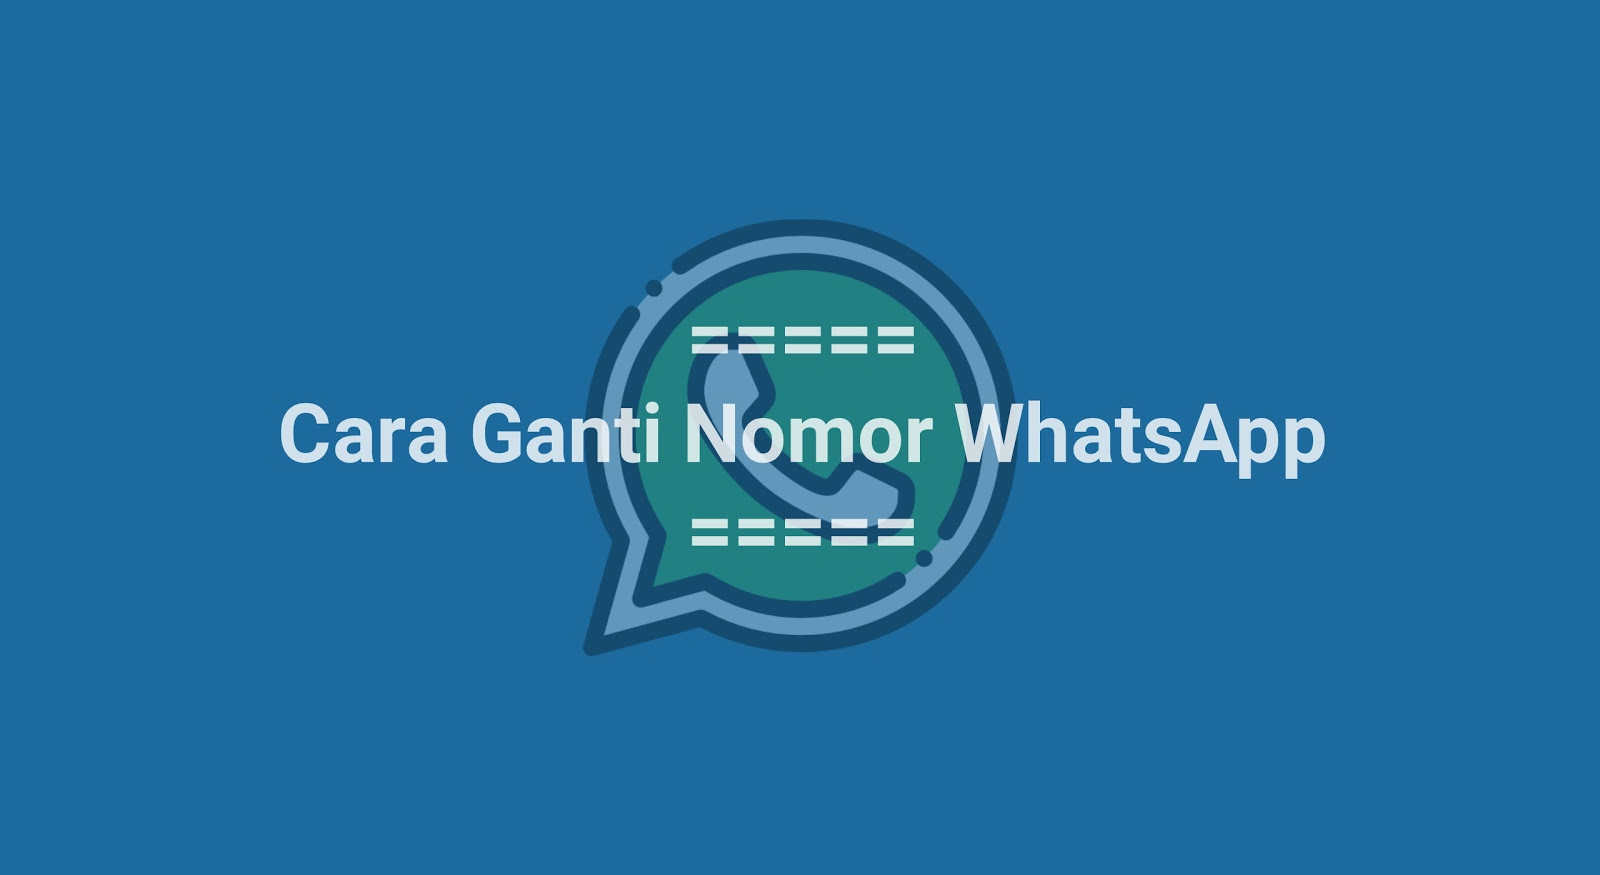 Cara Ganti Nomor WhatsApp Tanpa Kehilangan Data yang Lama